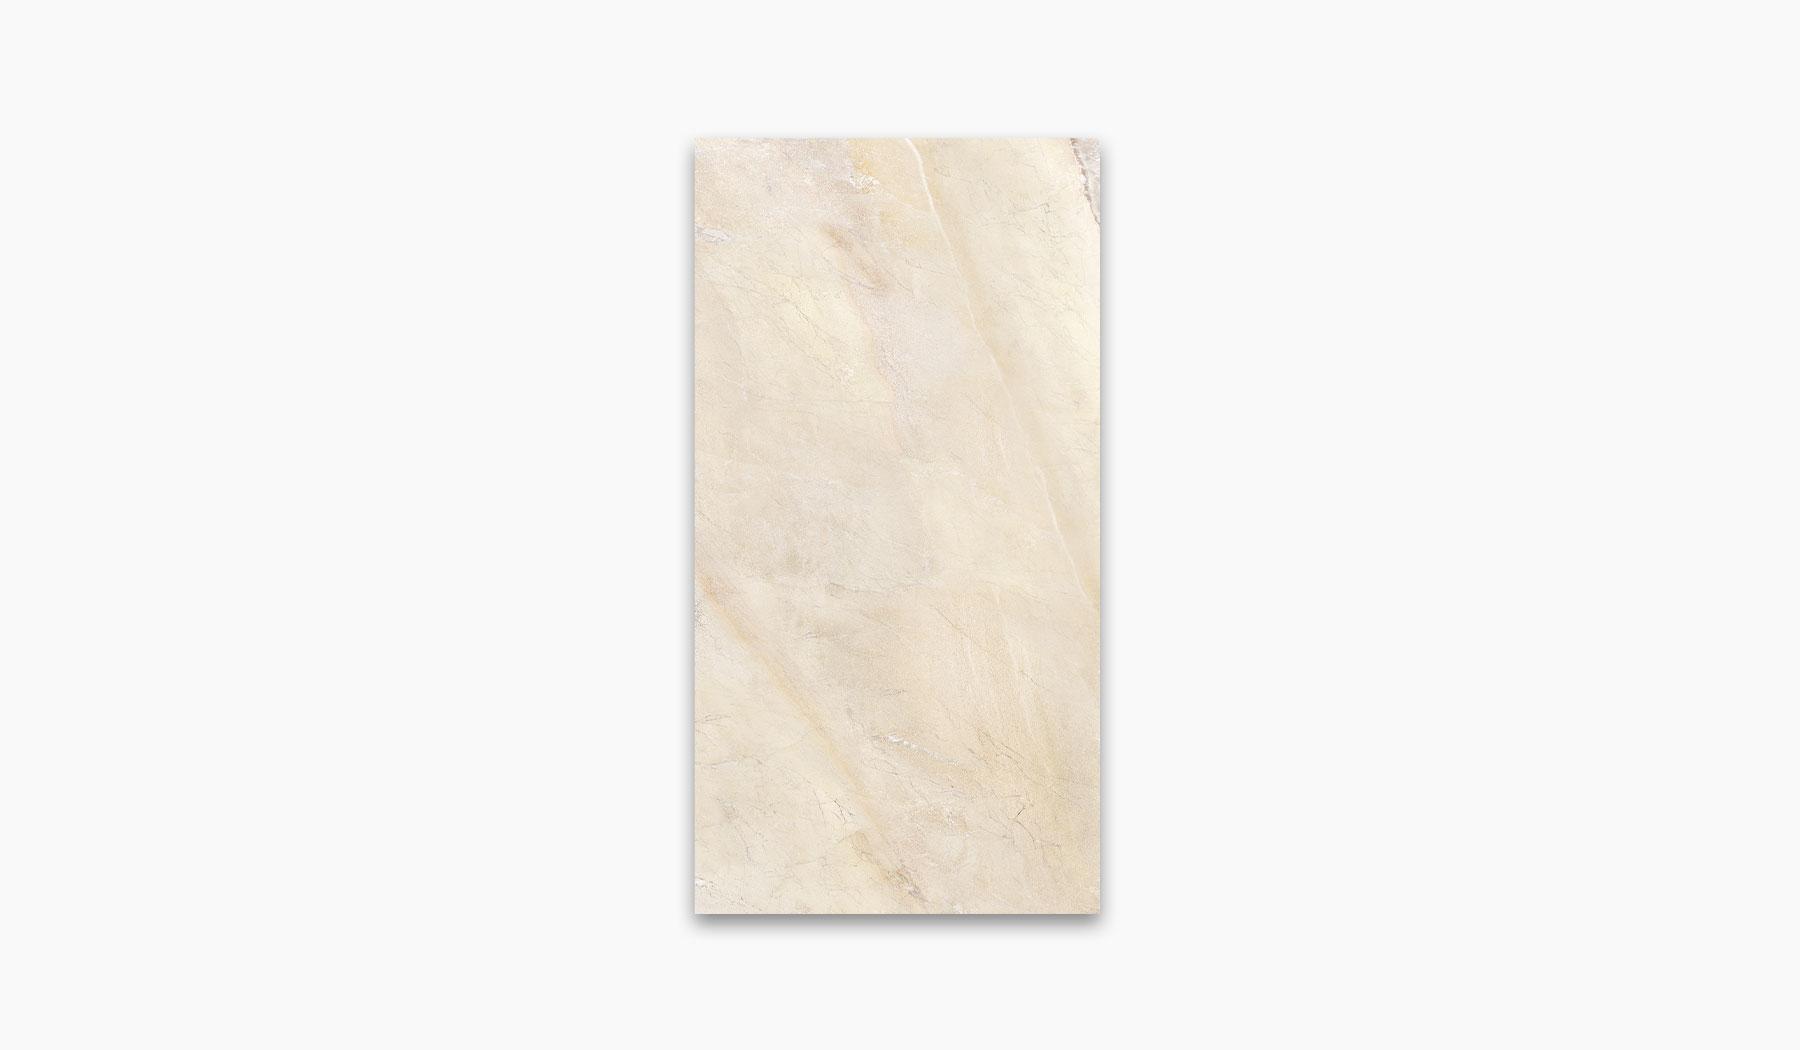 کاشی و سرامیک بوم سرامیک ، کاشی دیوار مانیس کرم سایز 30*60 لعاب براق صاف با زمینه سنگ